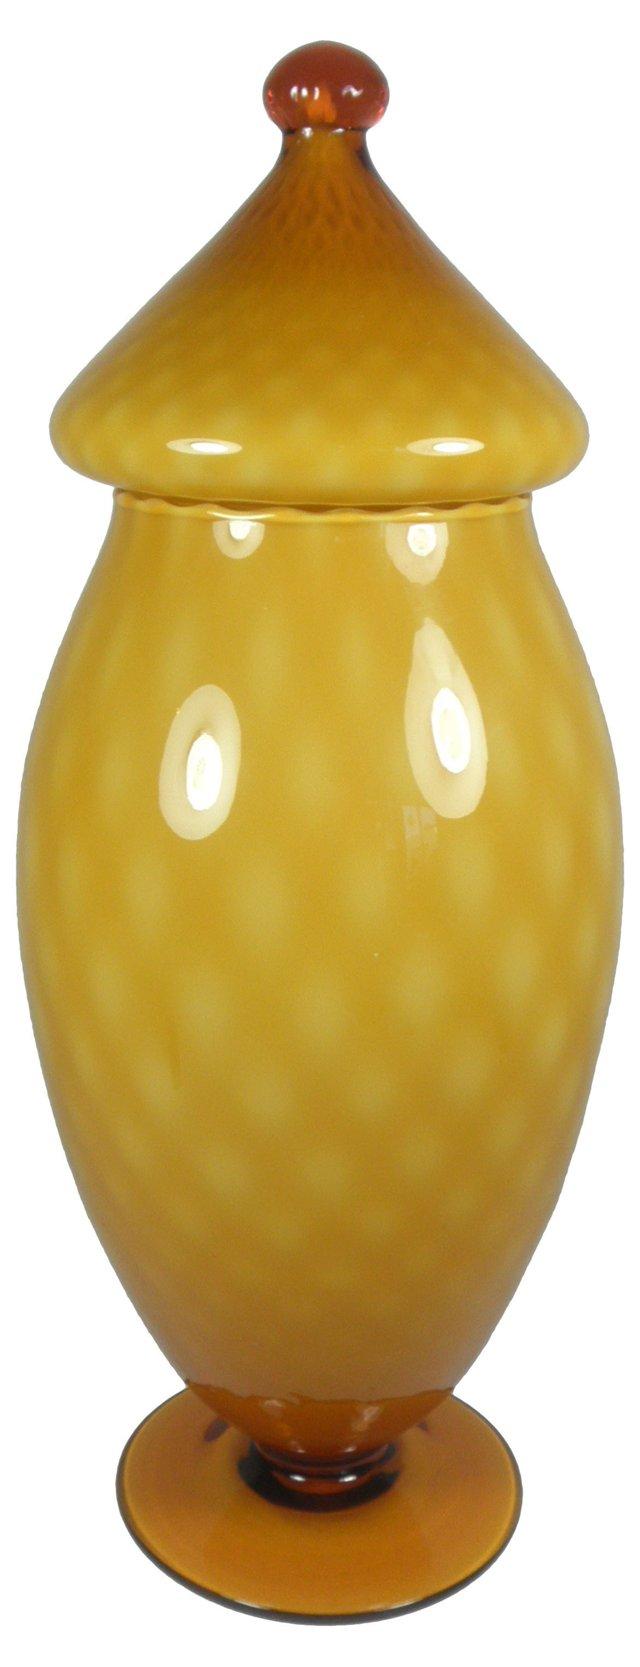 Italian Art Glass Lidded Jar